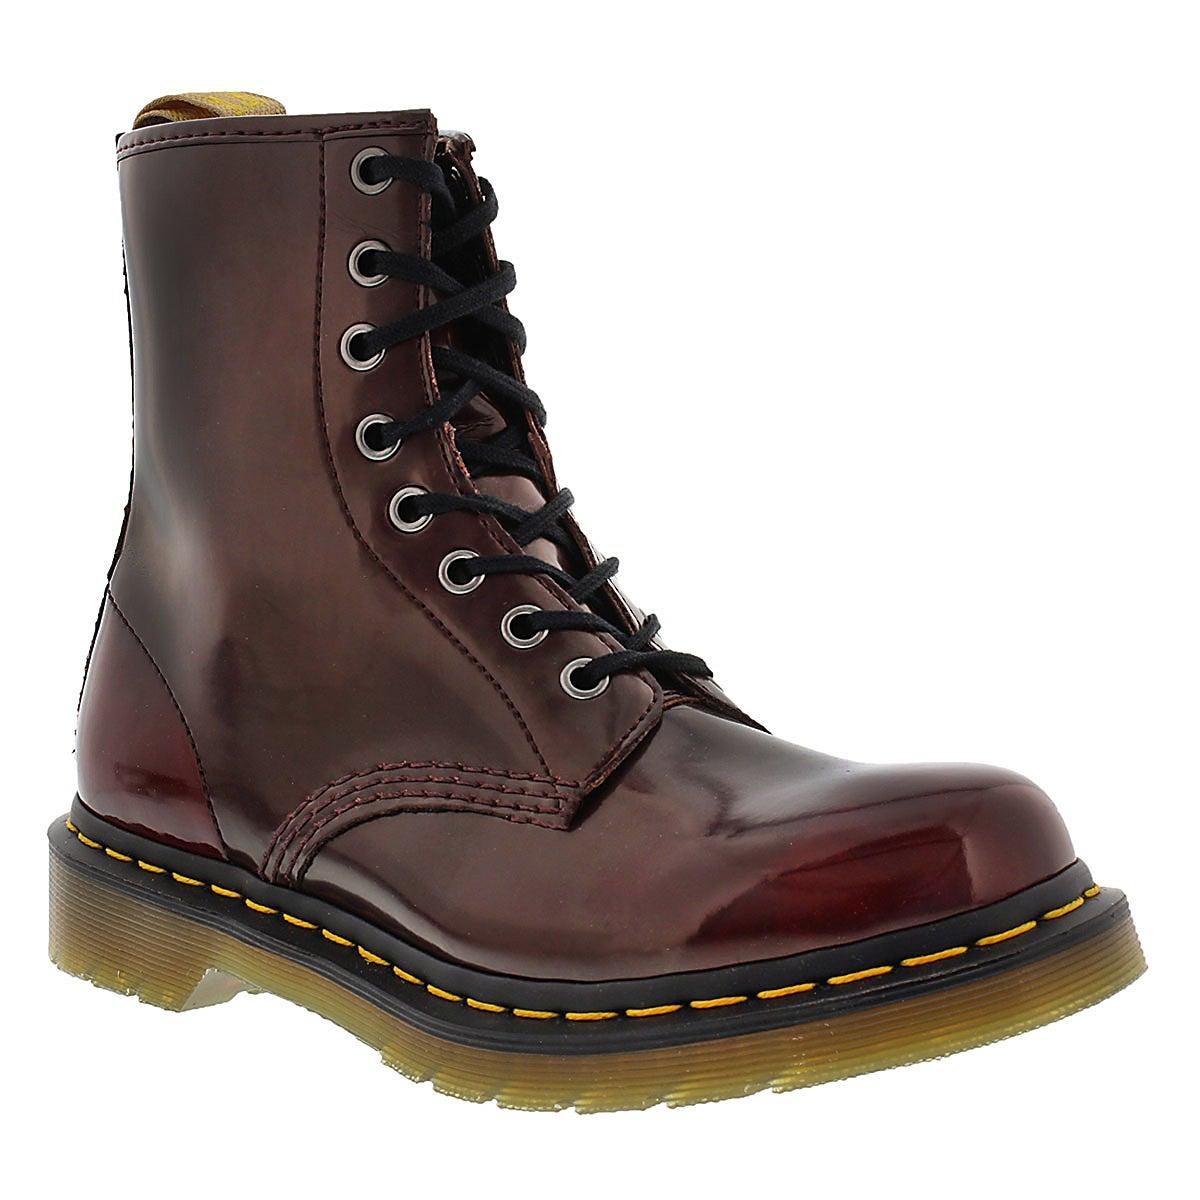 Lds Vegan 1460 8-Eye red smooth boot